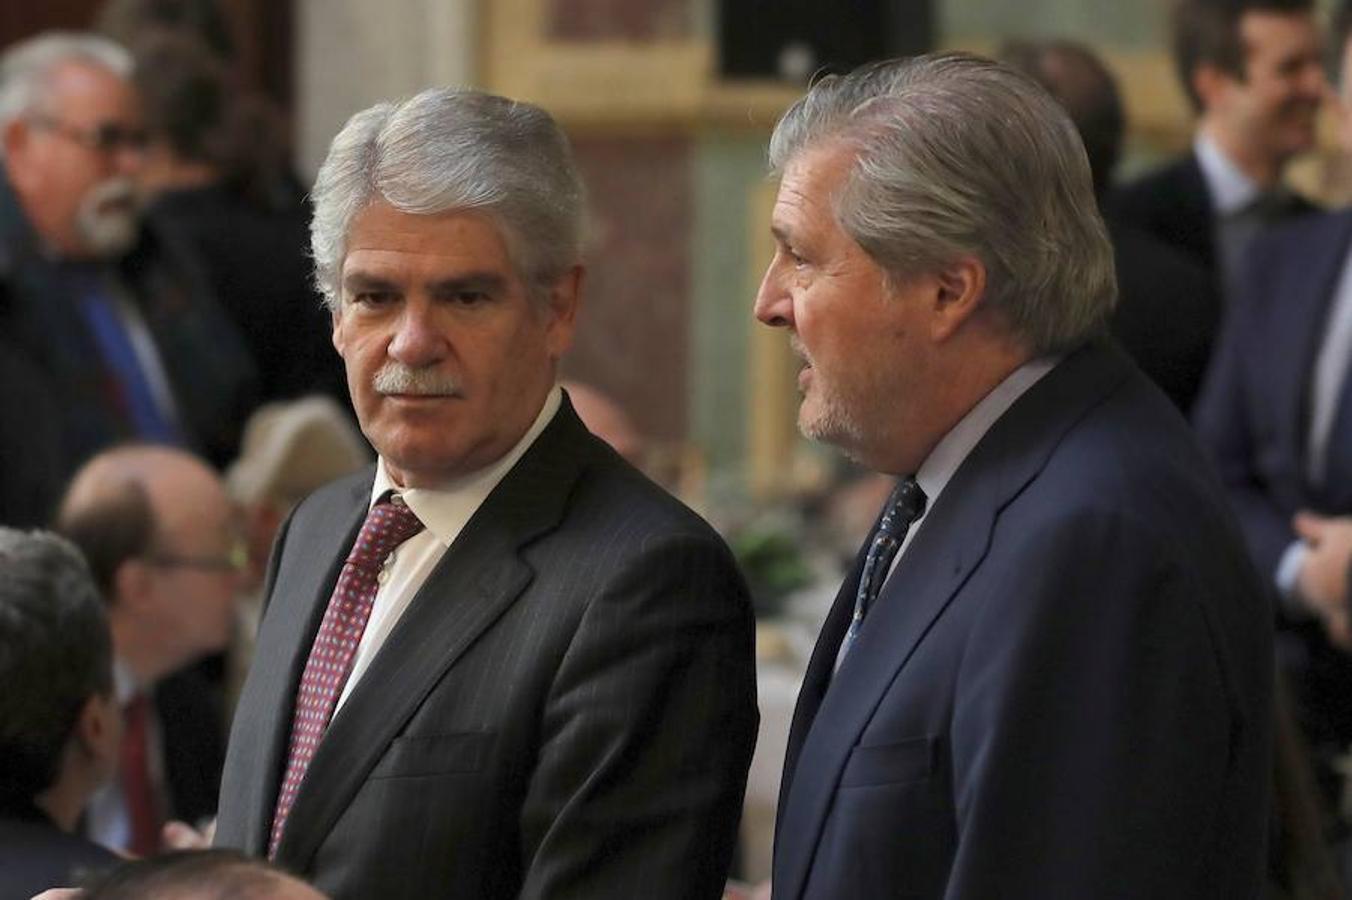 Los ministros de Exteriores, Alfonso Dastis (a la izquierda), y de Cultura y Educación, Íñigo Méndez de Vigo, a su llegada al Foro ABC-Deloitte, celebrado este jueves en el Casino de Madrid.